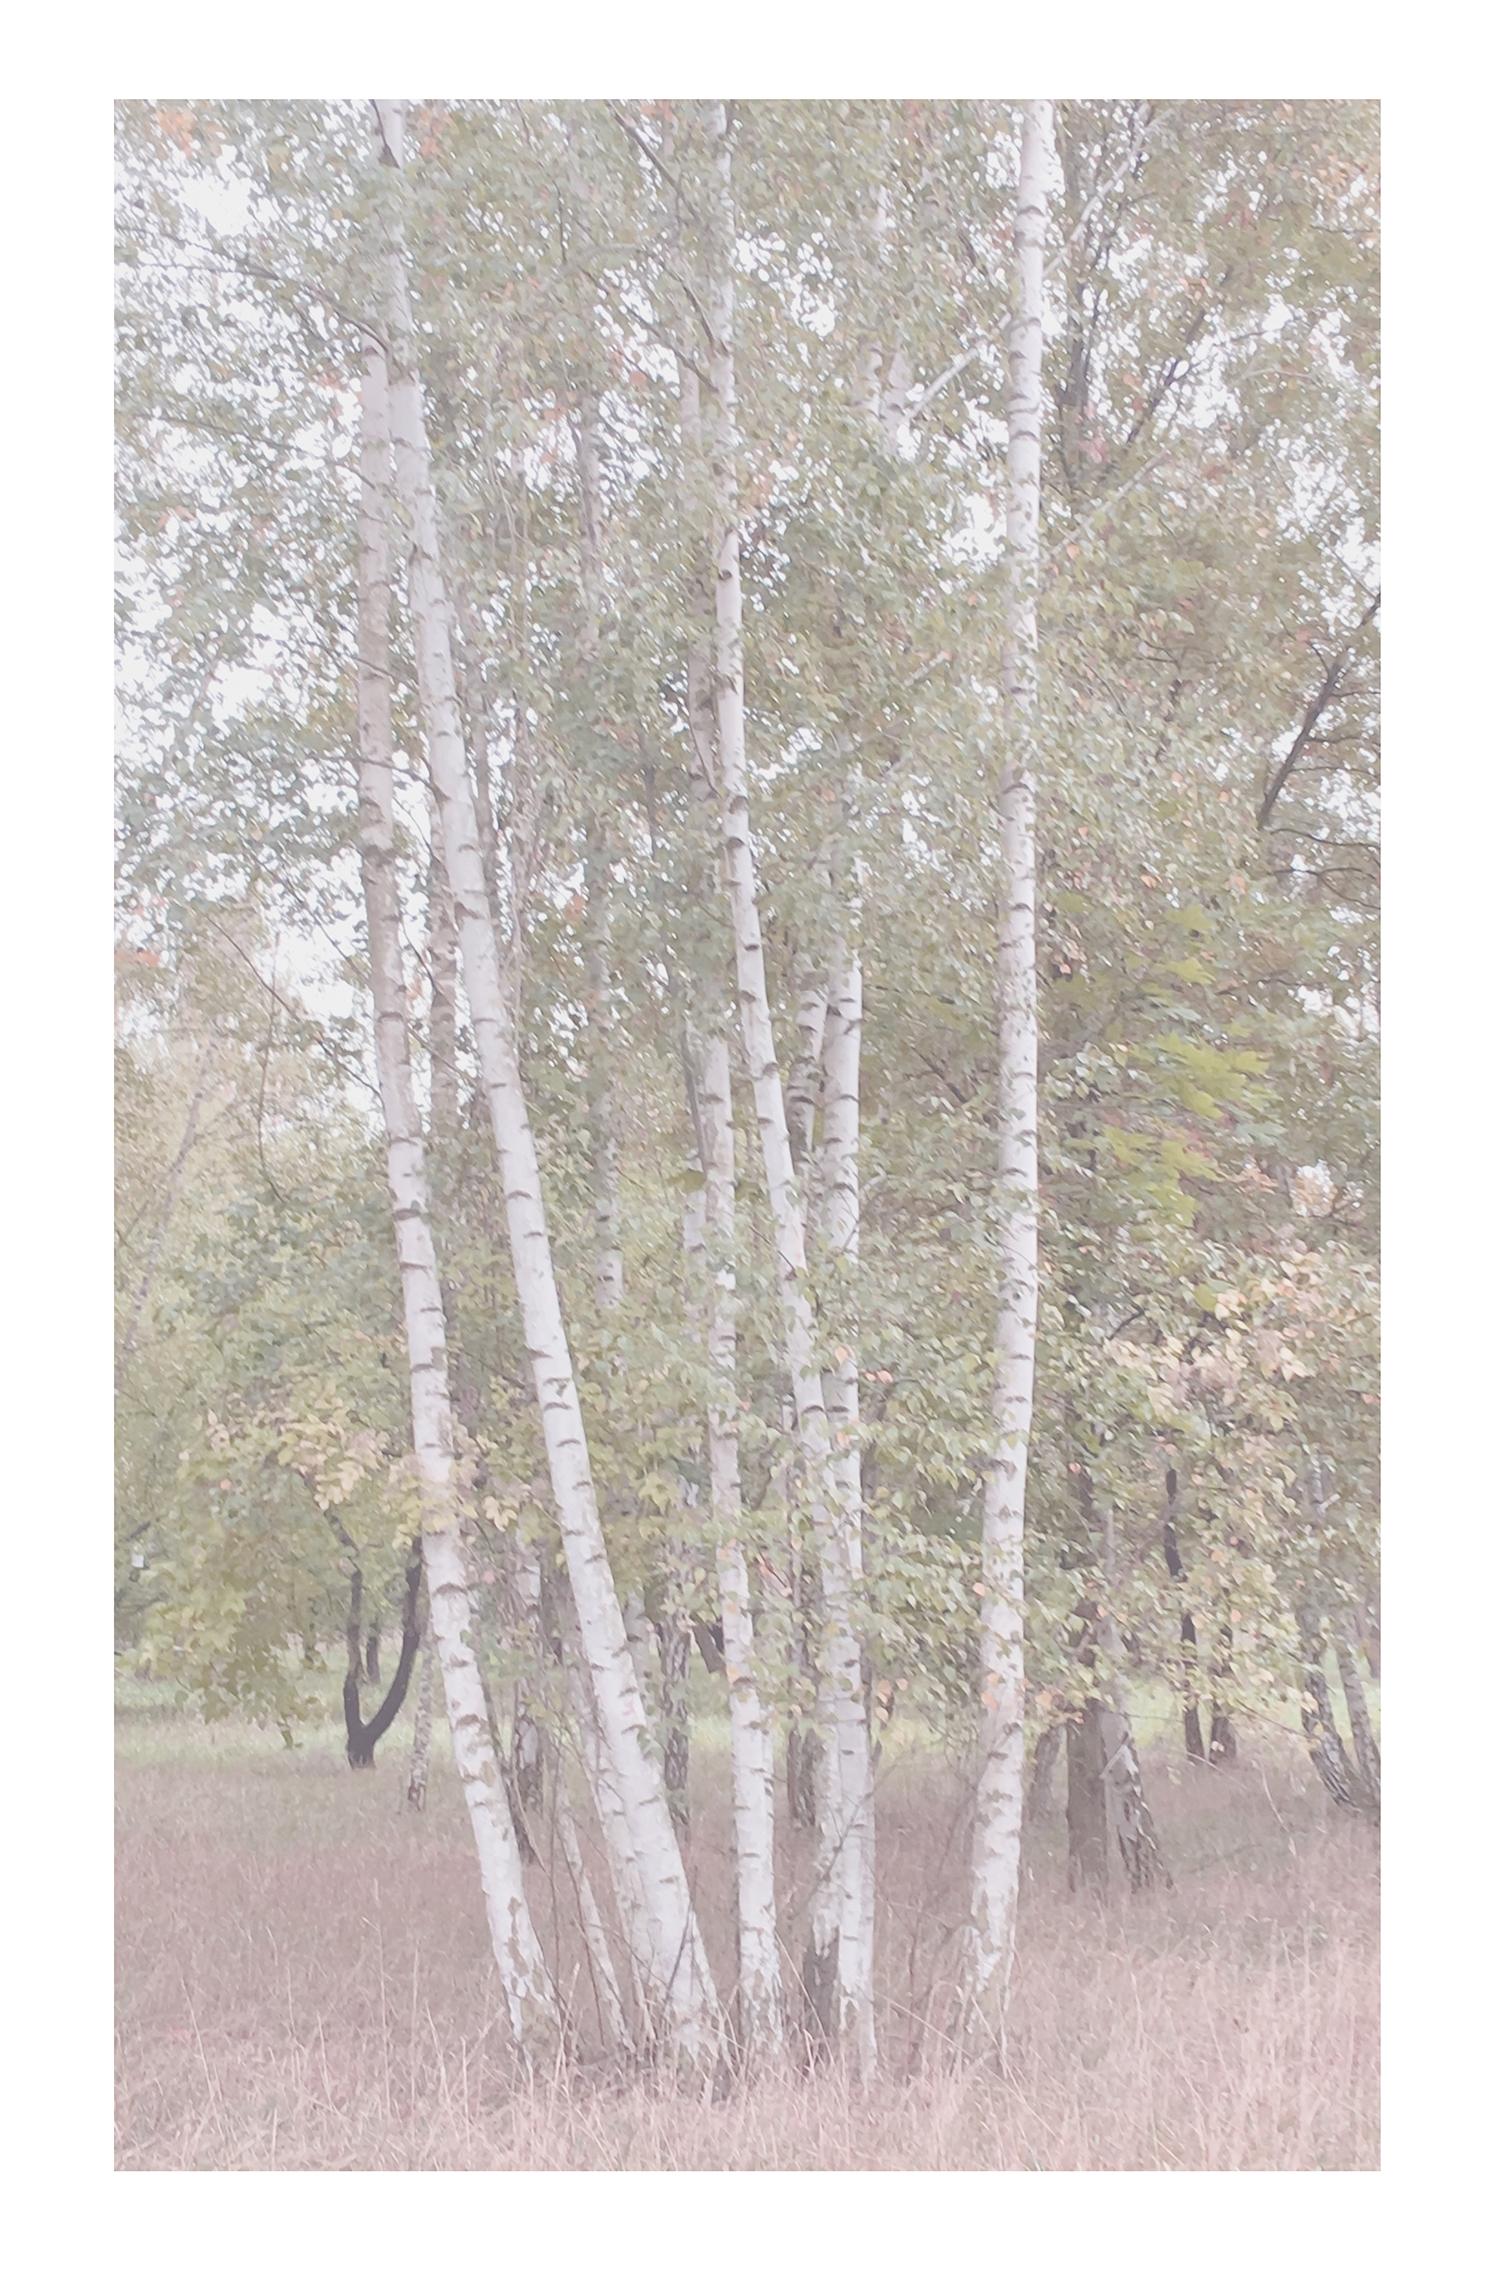 treefinal2web.jpg